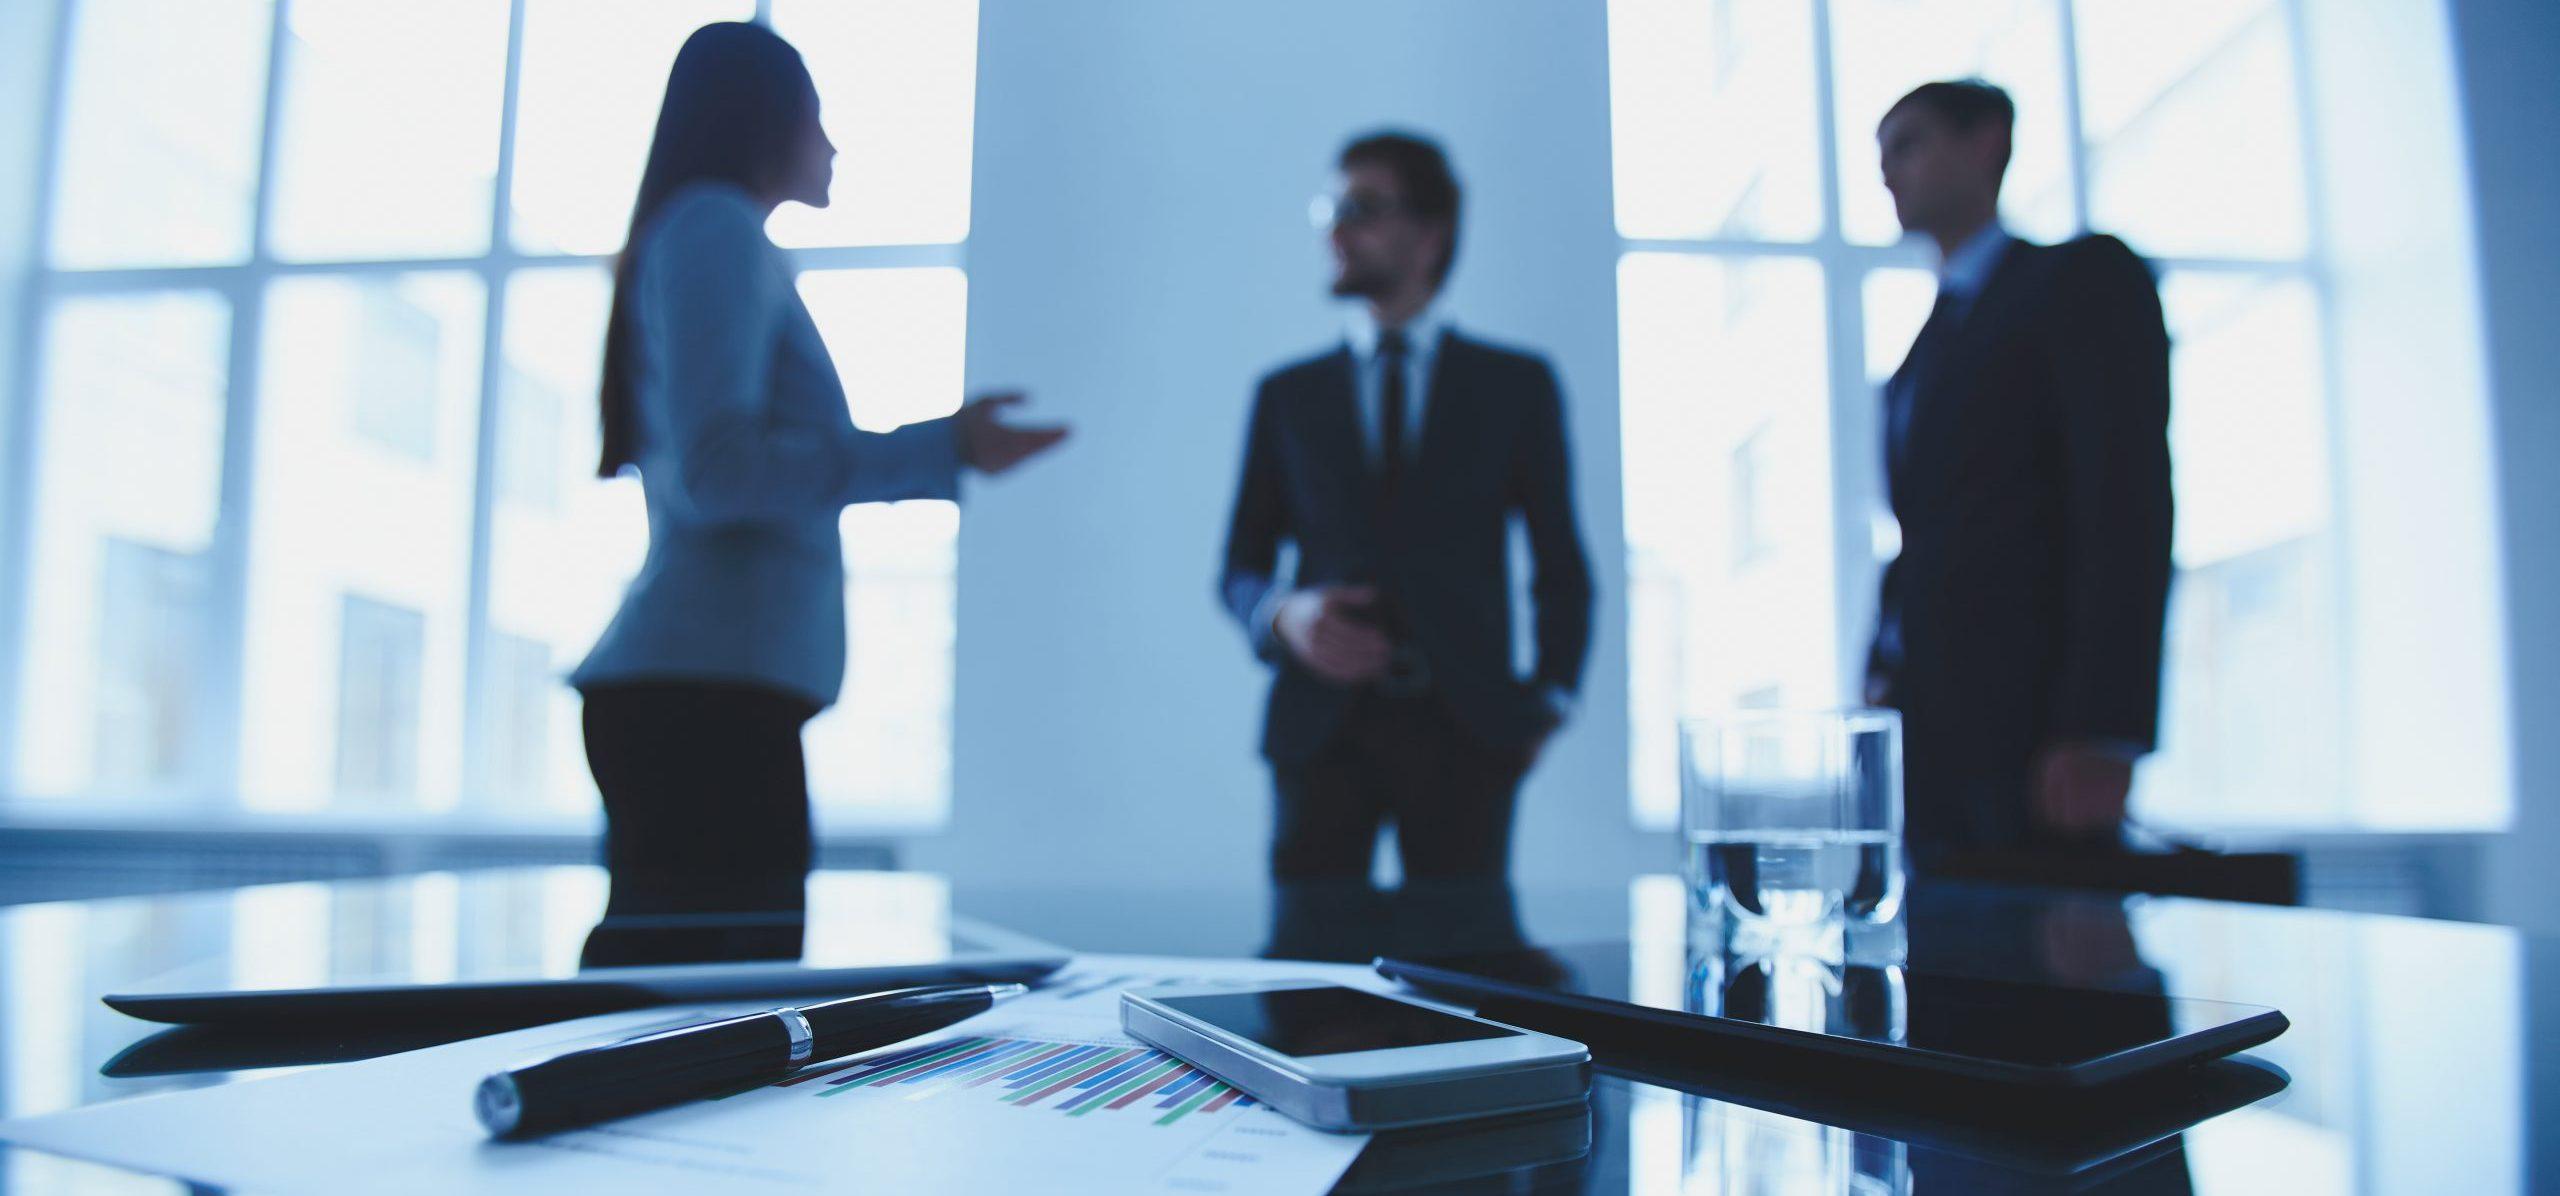 5 táticas e truques de negociação que você talvez nunca tenha percebido